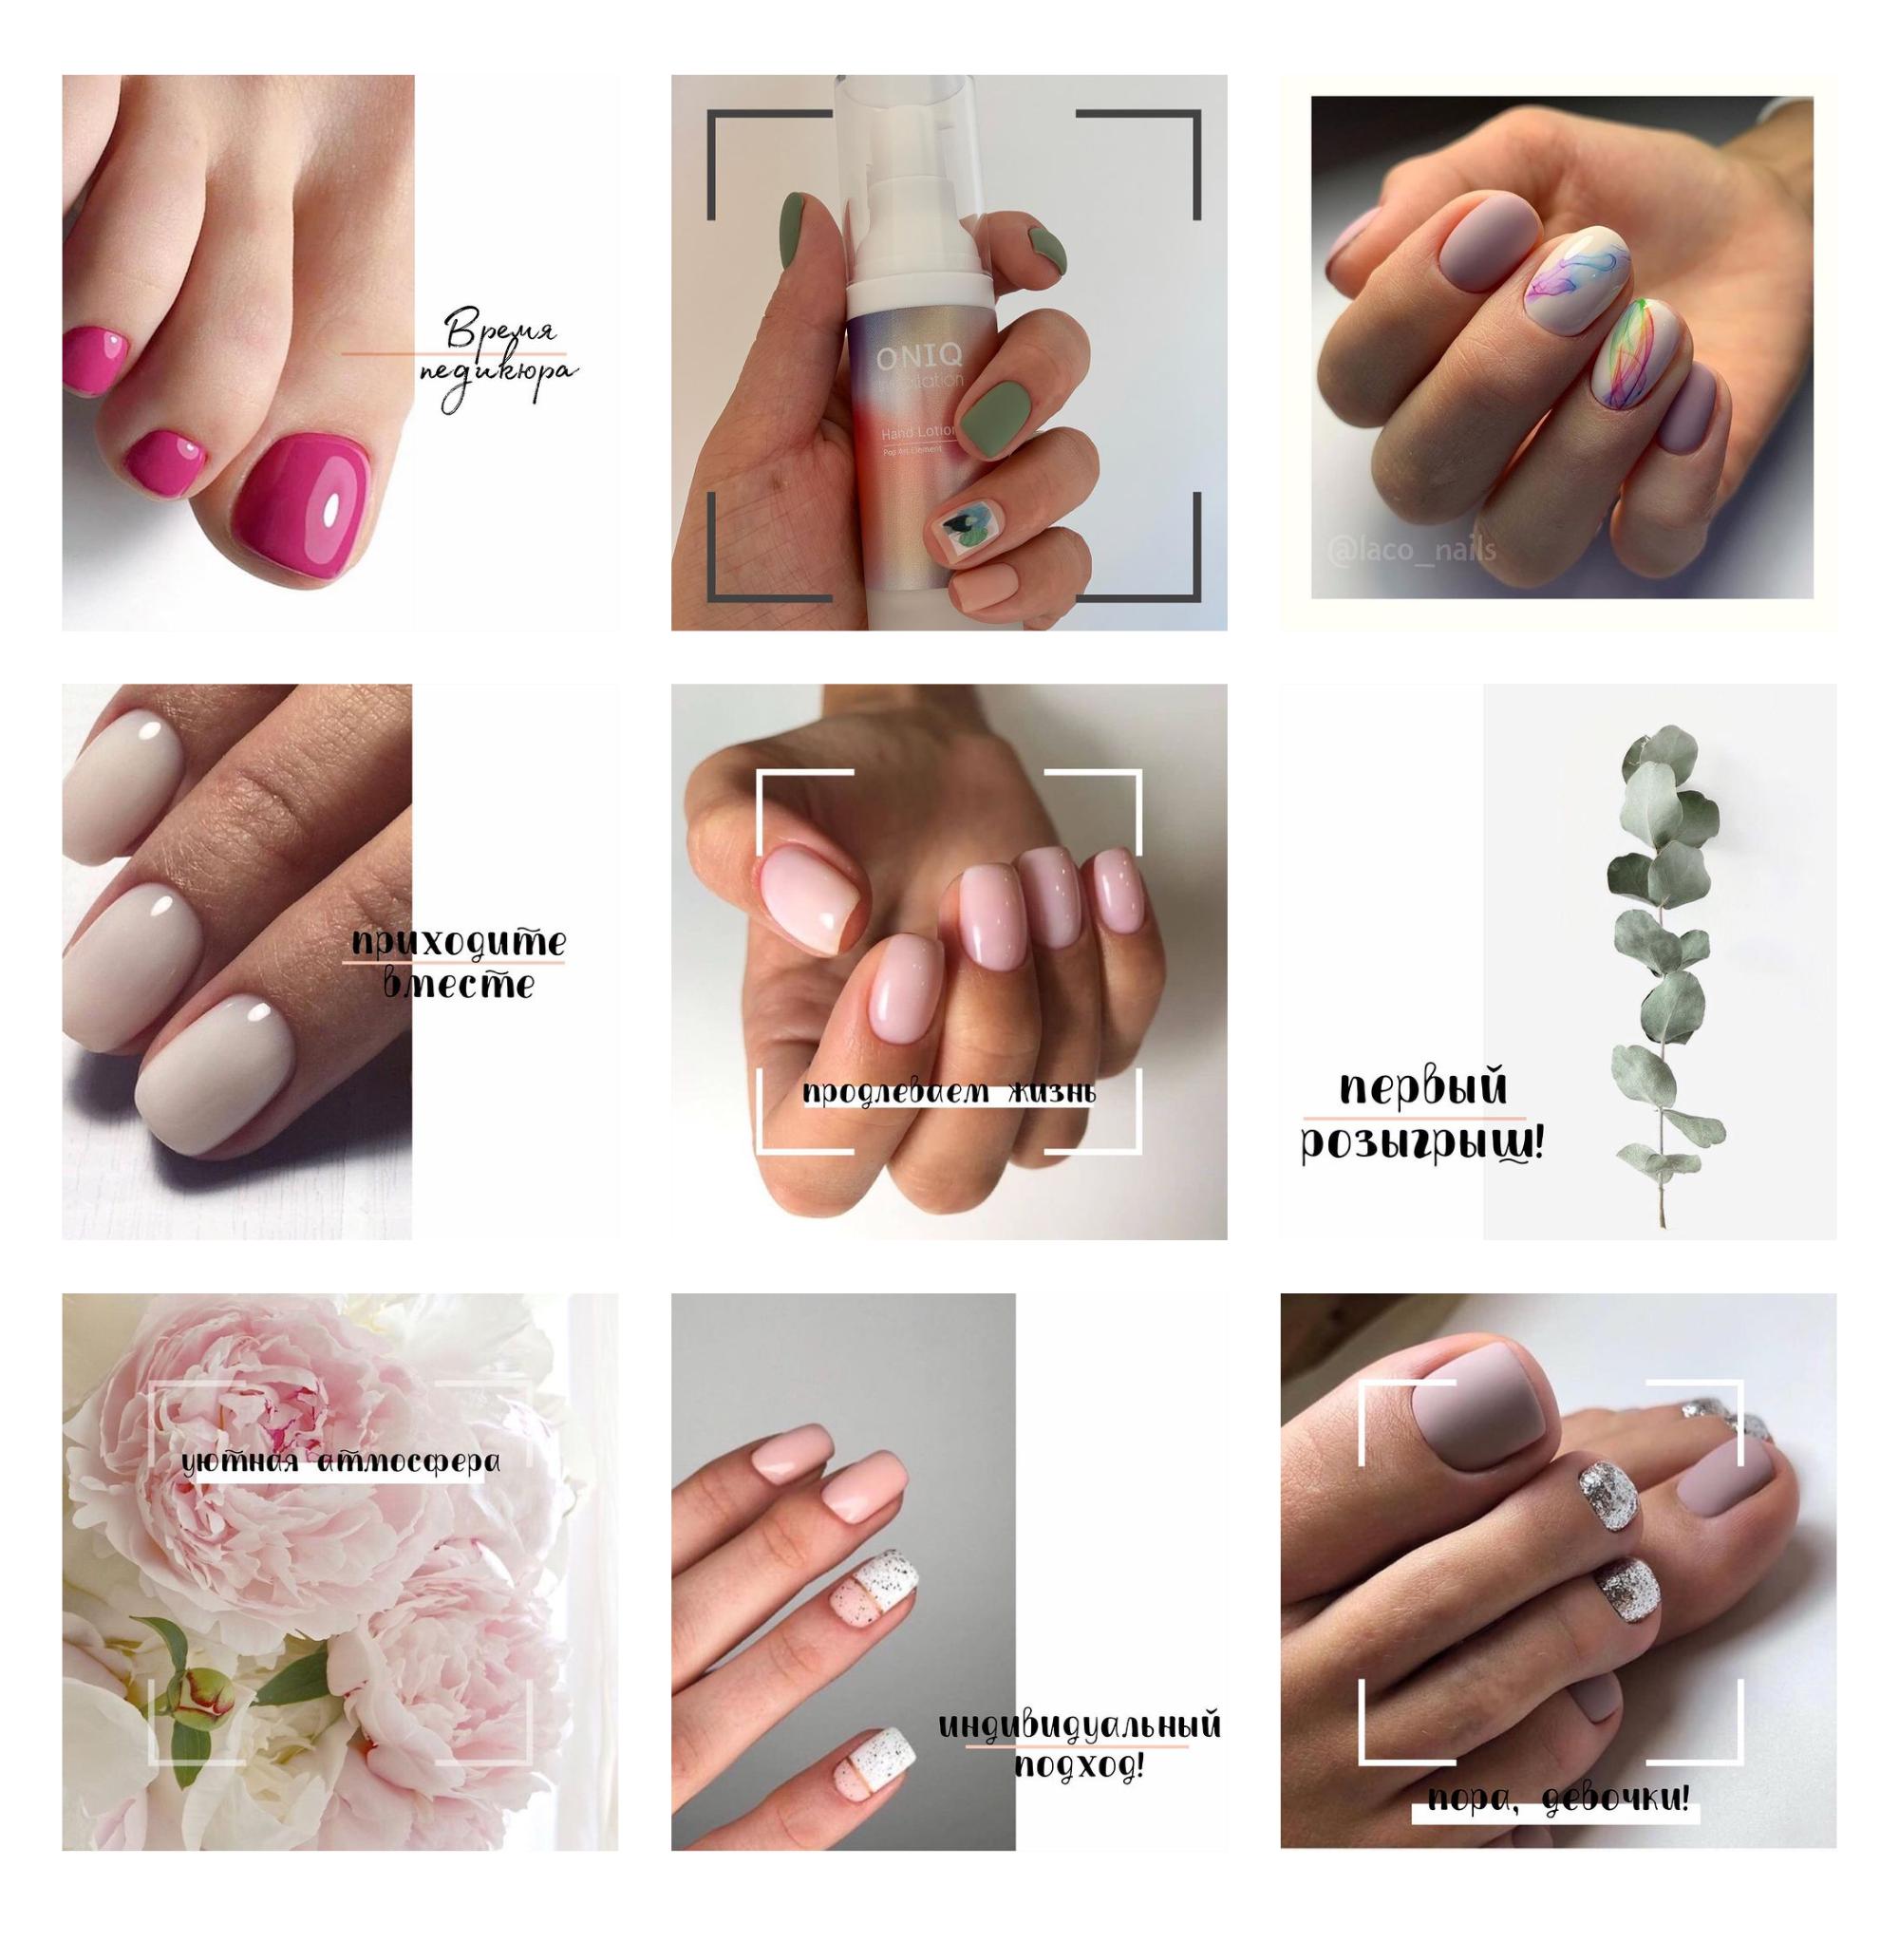 Старались привлечь клиентов через красивые икачественные картинки в«Инстаграме»